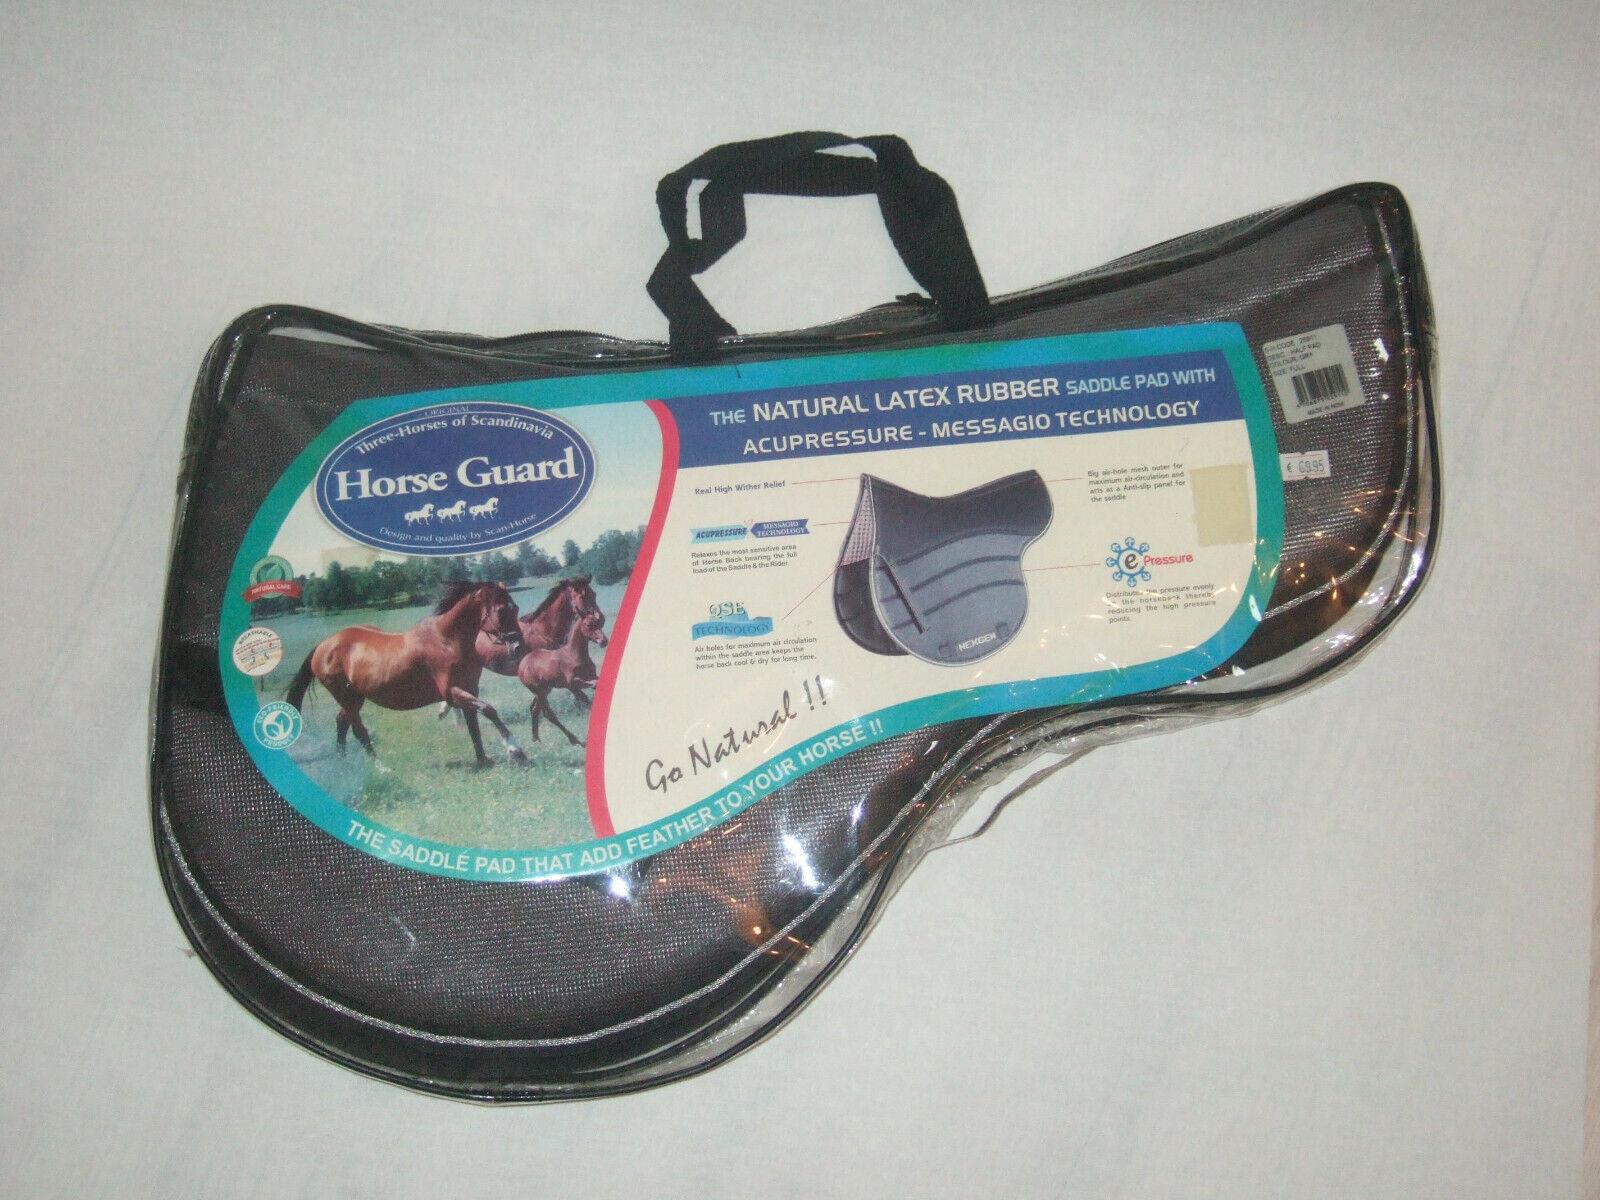 LATEX Sattelpad  mit Acupressure-Massage Technologie von HORSE GUARD